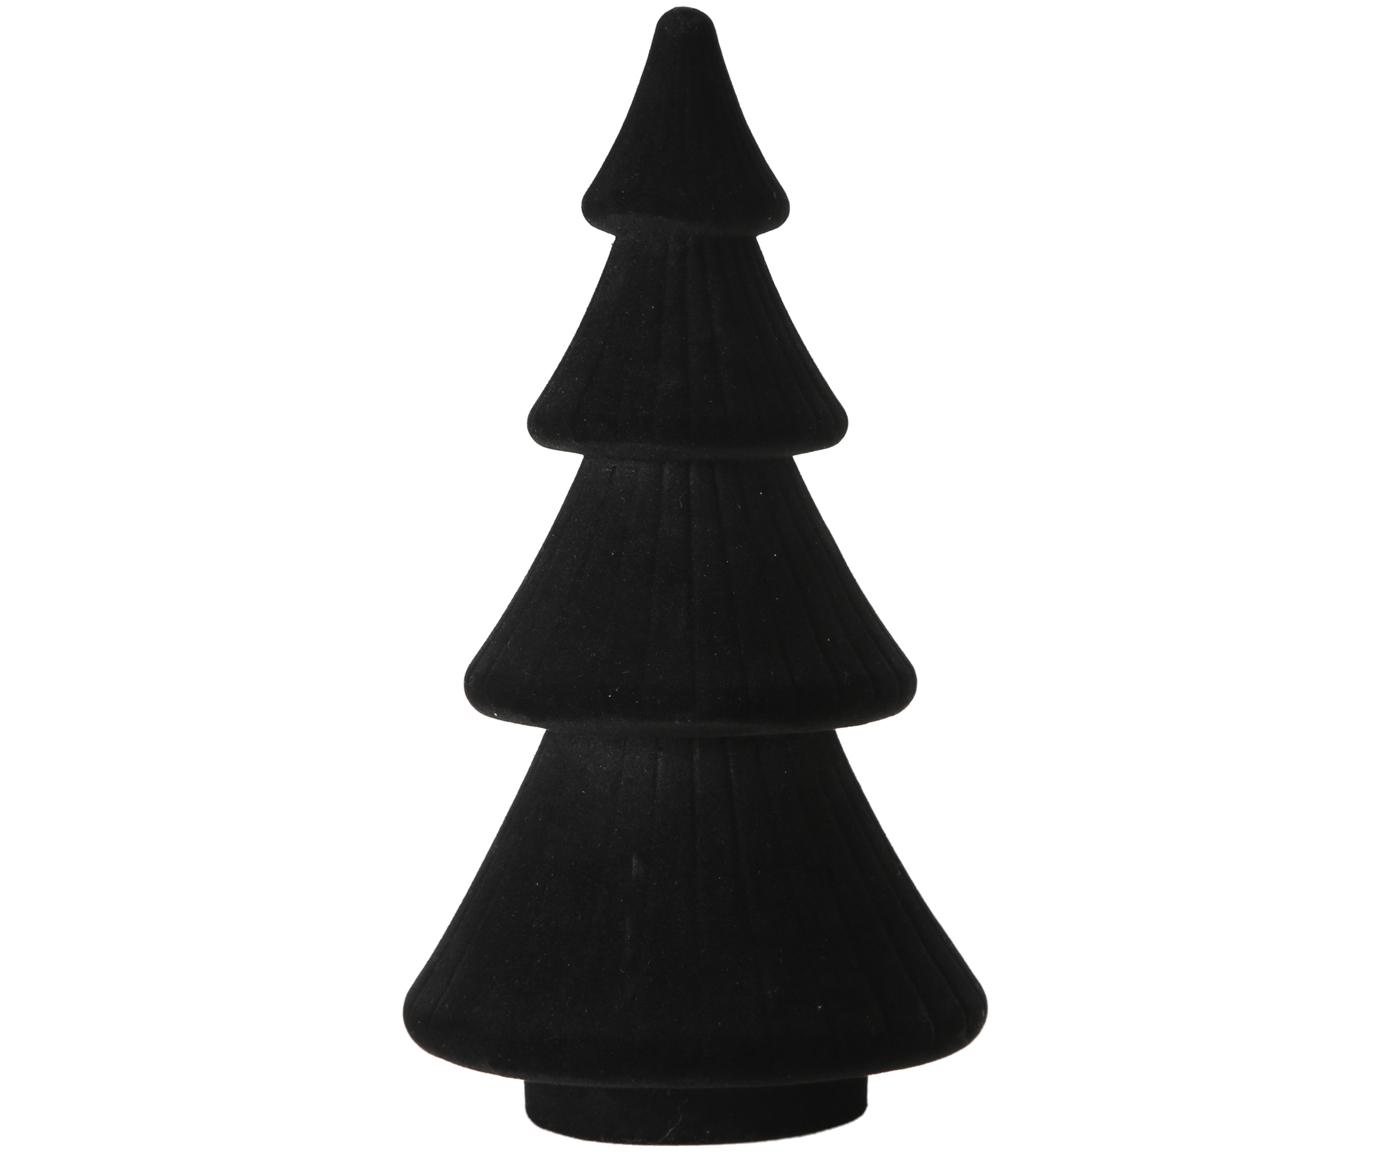 Samt-Deko-Objekt Sabina, Bezug: Samt, Gestell: Mitteldichte Holzfaserpla, schwarz, Ø 15 x H 30 cm